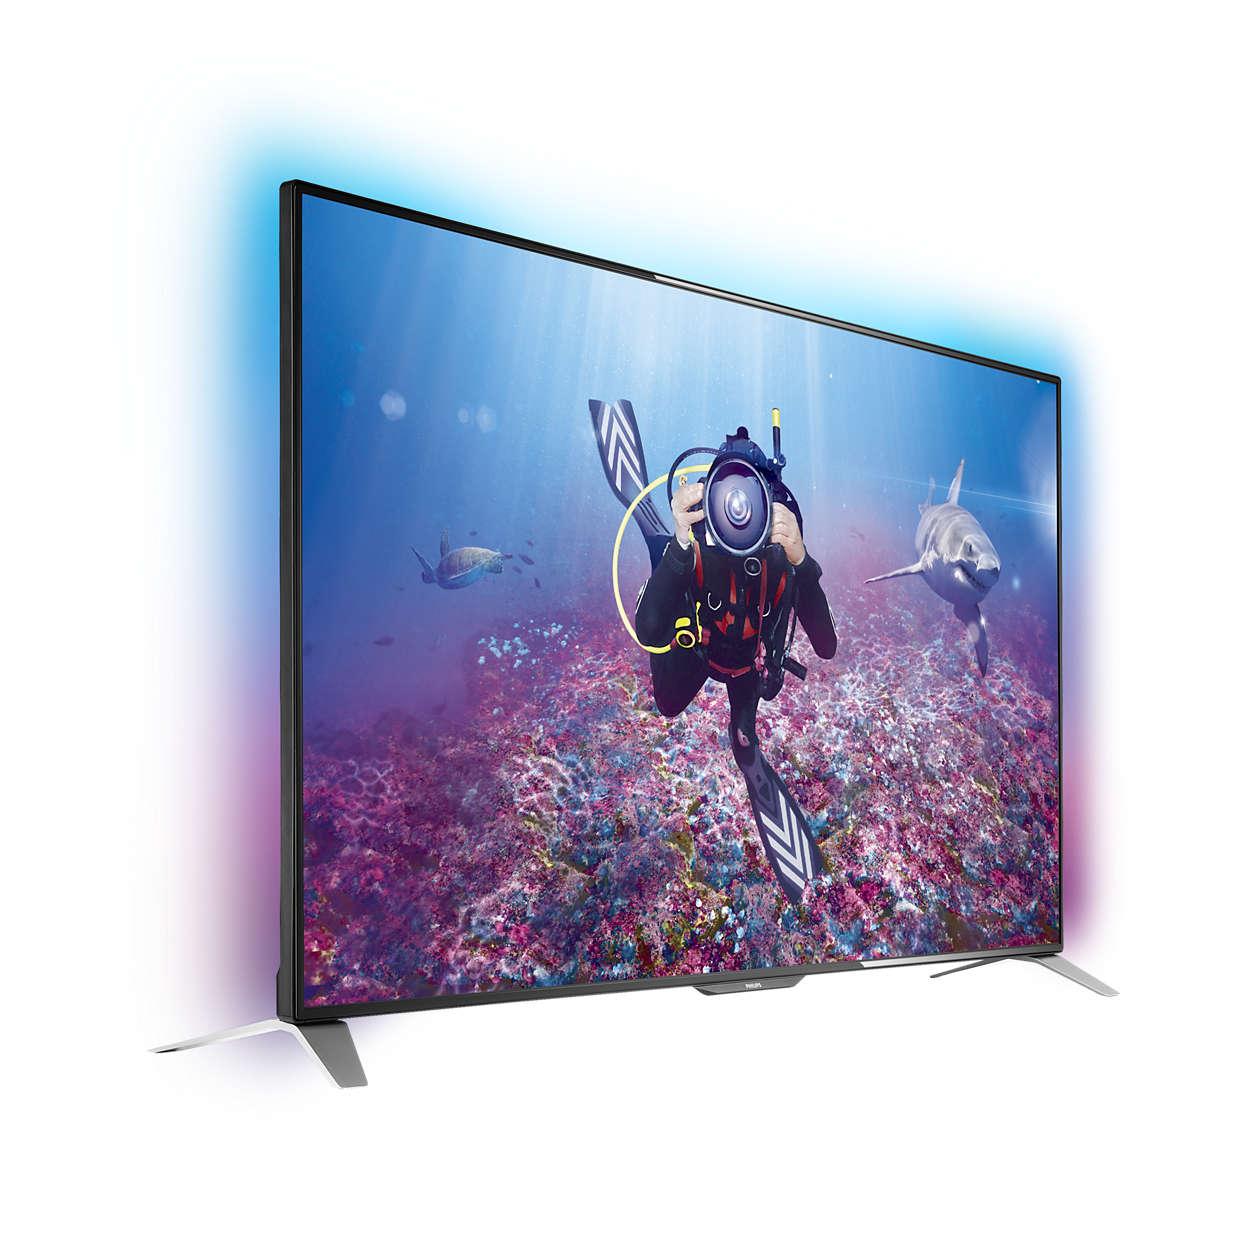 2c7a58ad69253 Ultra Slim Smart 4K Ultra HD LED TV 65PUT8609 79